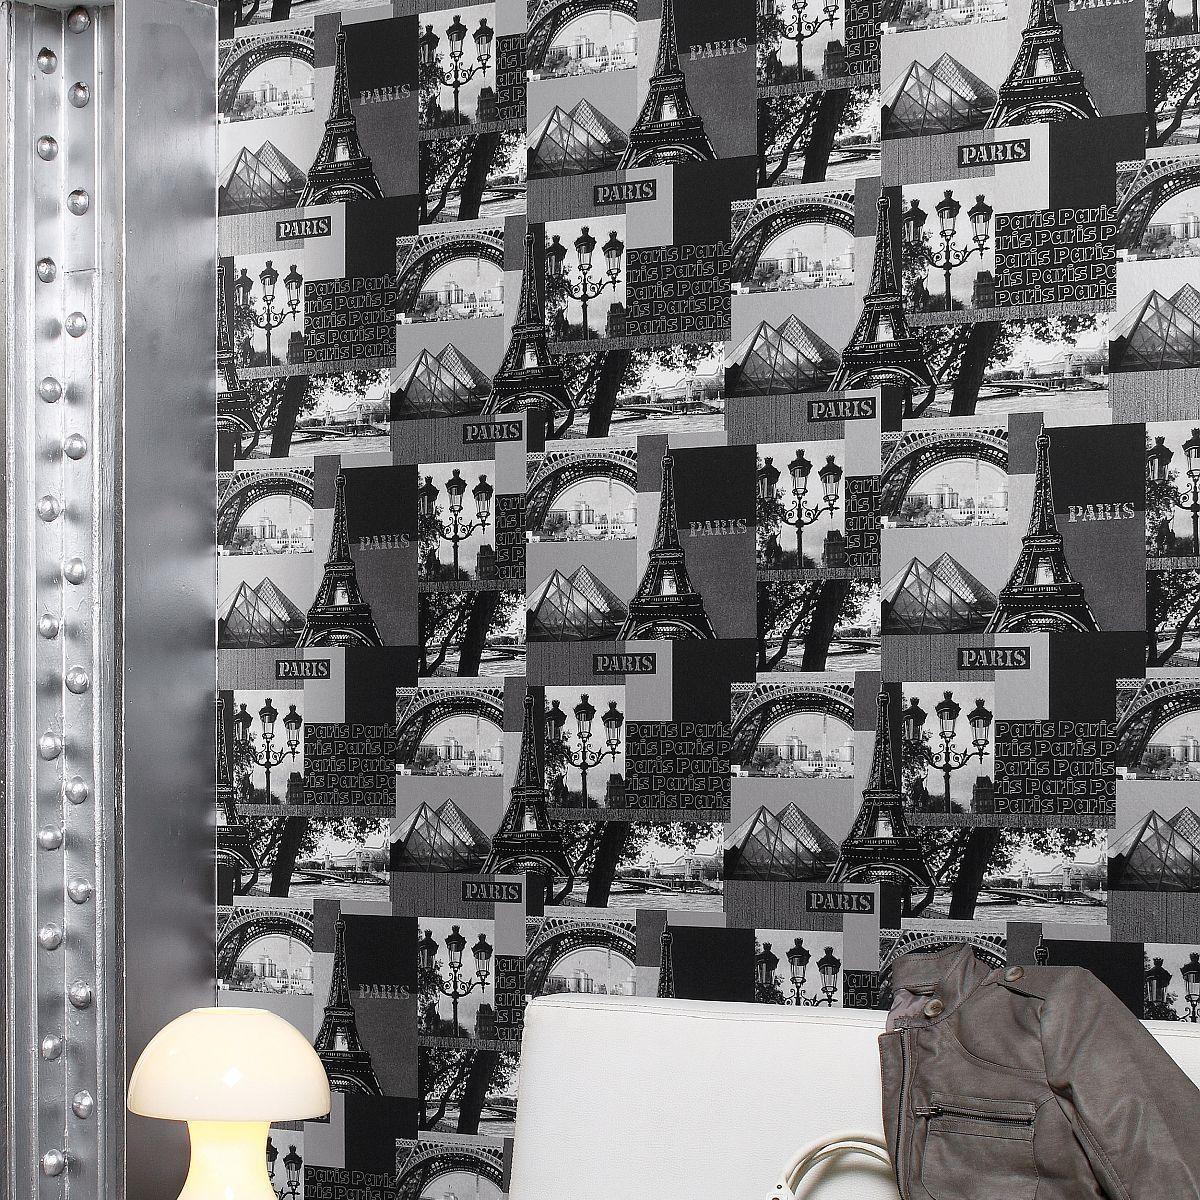 Hochwertige Tapeten Und Stoffe Papier Tapete Mit Pariser Motiven